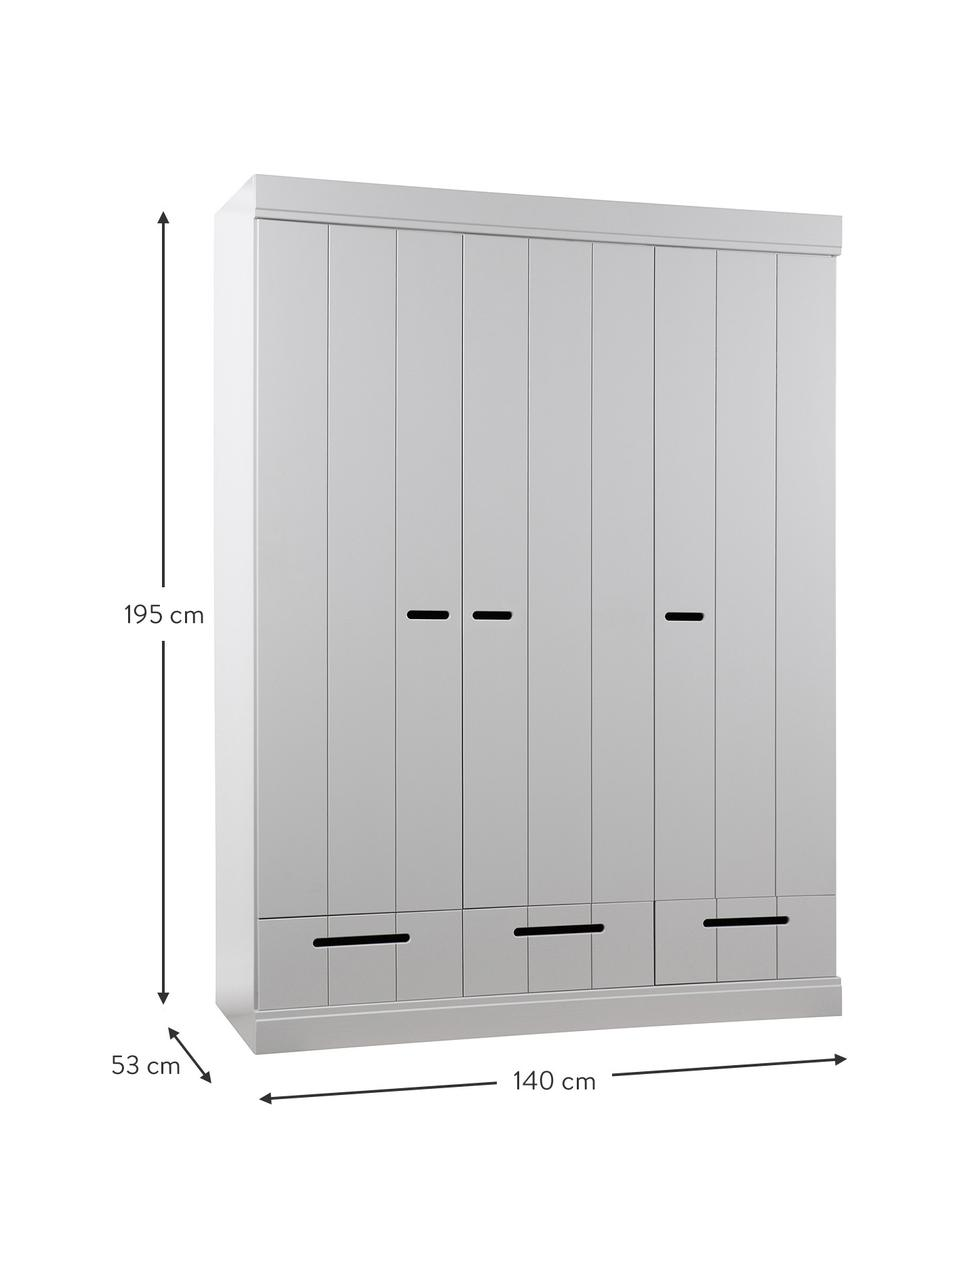 Kleiderschrank Connect mit 3 Türen in Hellgrau, Korpus: Kiefernholz, lackiert, Einlegeböden: Spanplatte, melaminbeschi, Hellgrau, 140 x 195 cm